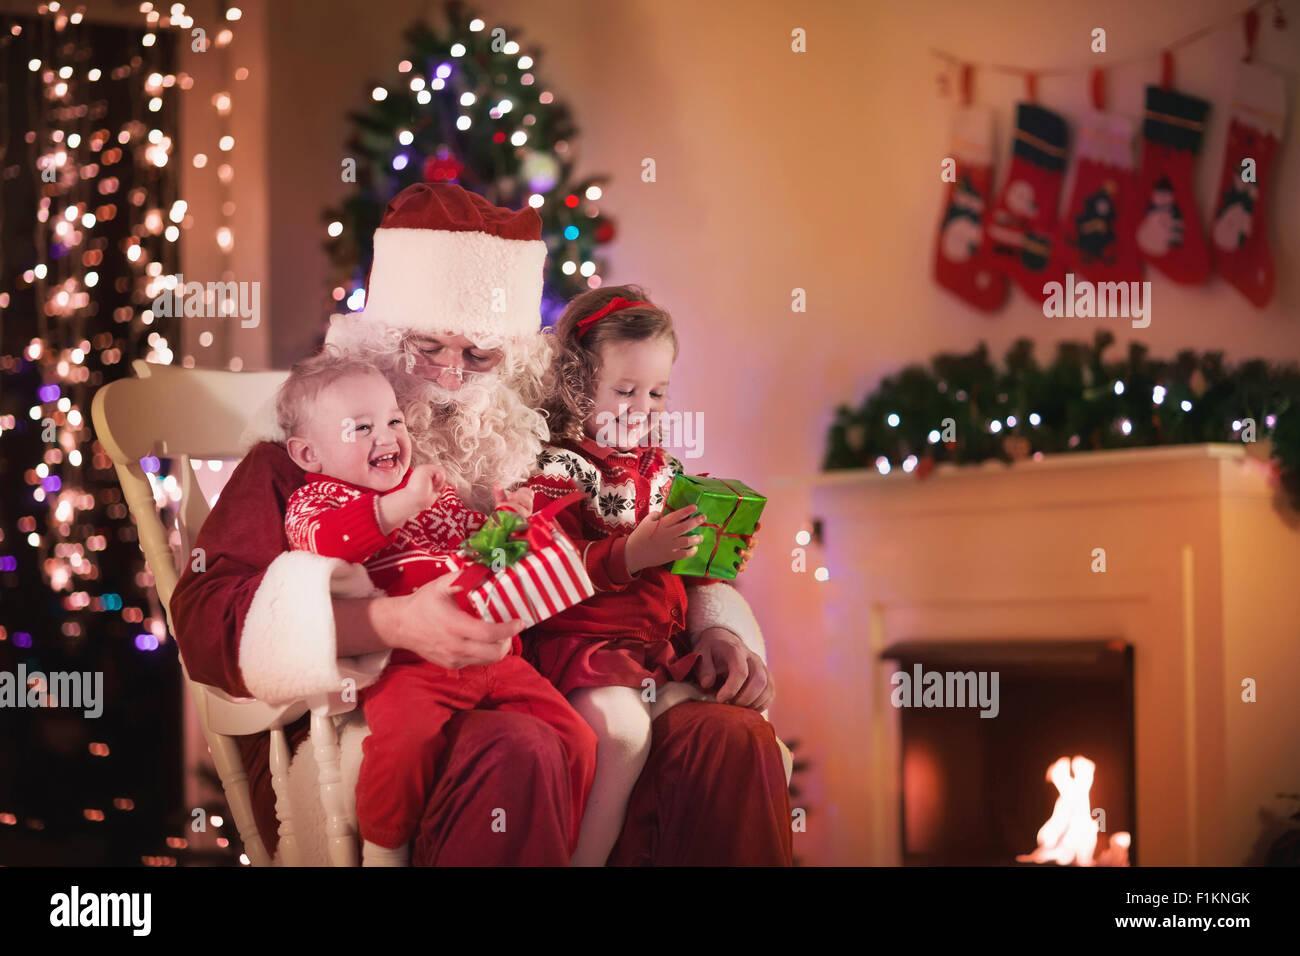 Camino Di Babbo Natale.Babbo Natale E I Bambini Apertura Presenta Al Camino I